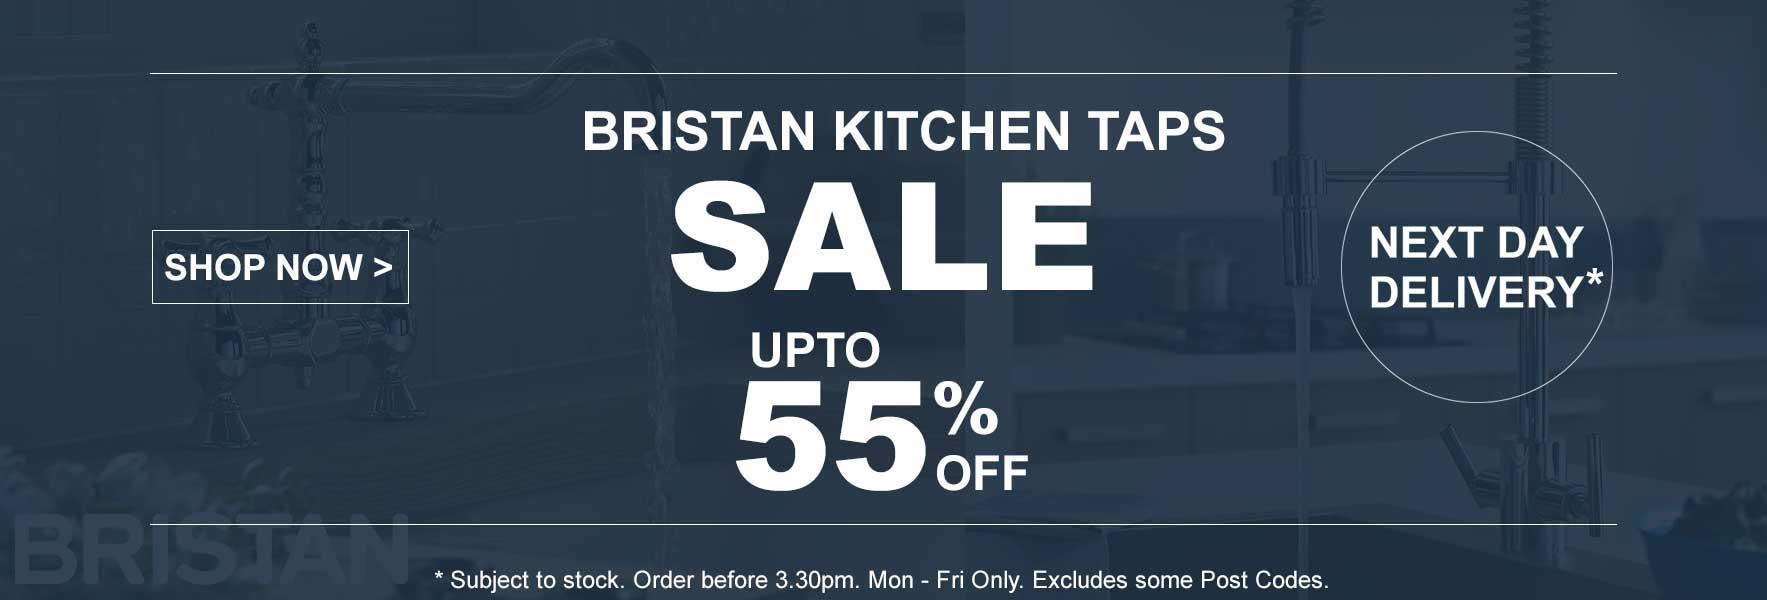 Bristan Kitchen Taps